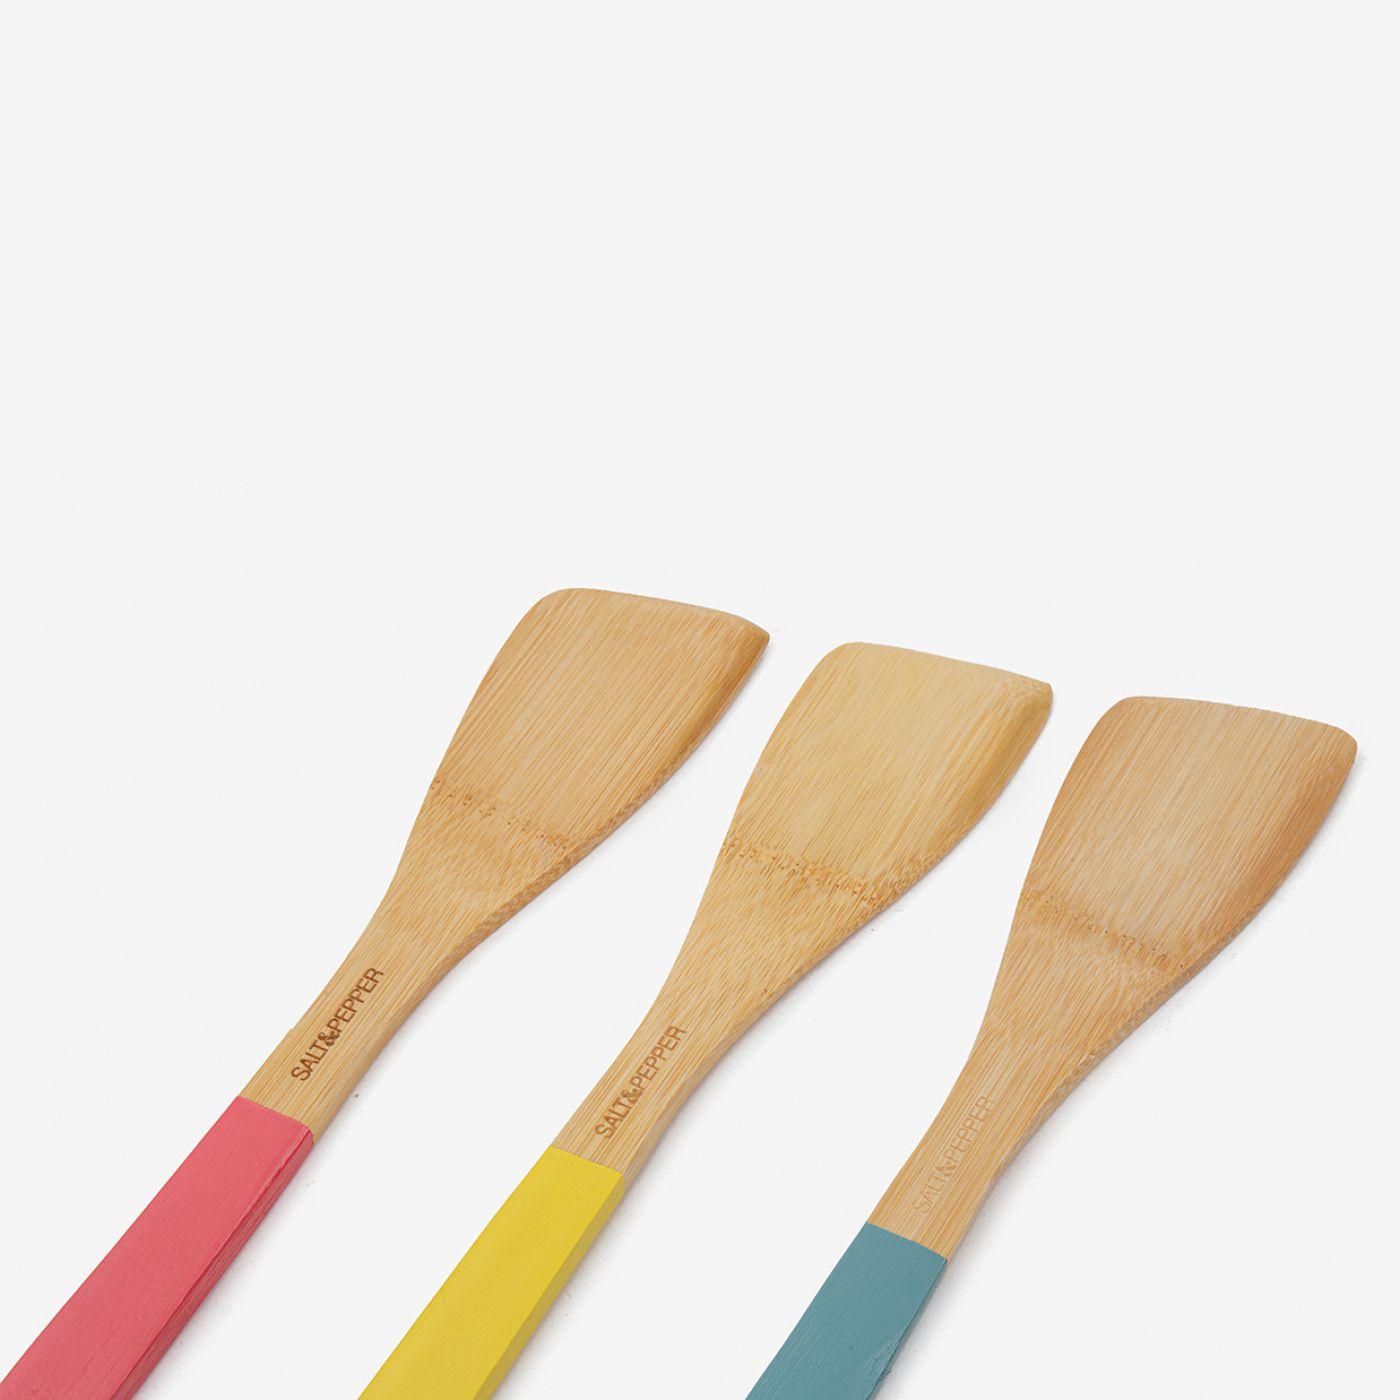 מרית צבעונית BAMBOO